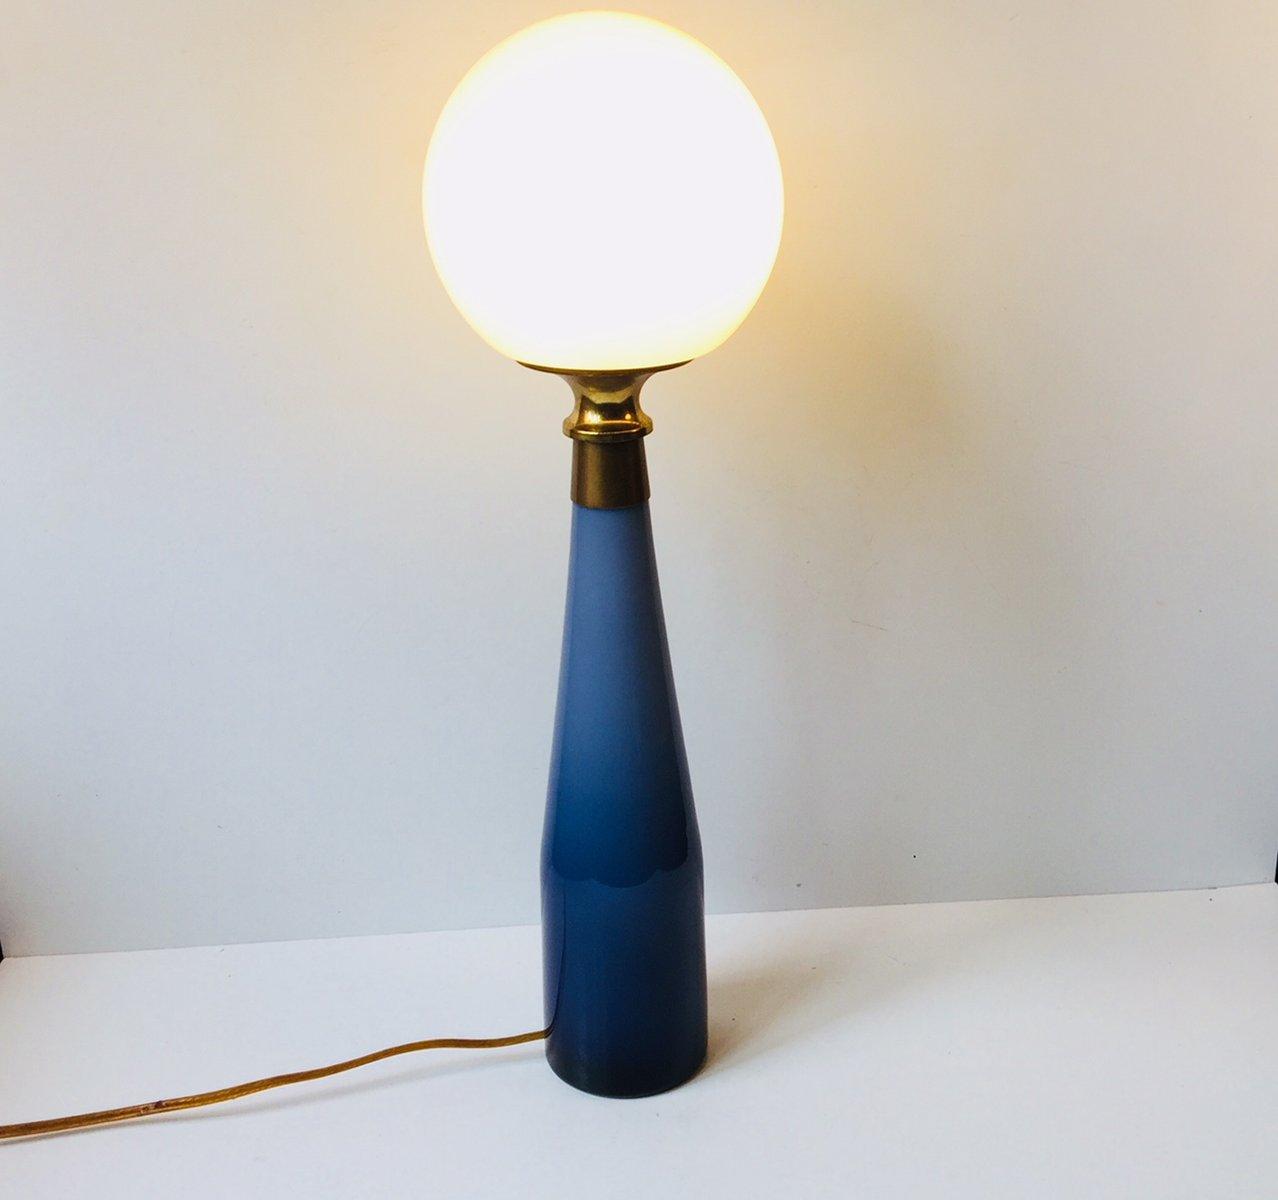 vintage nightblue tischlampe aus unterfangenem glas von bent nordsted f r kastrup bei pamono kaufen. Black Bedroom Furniture Sets. Home Design Ideas